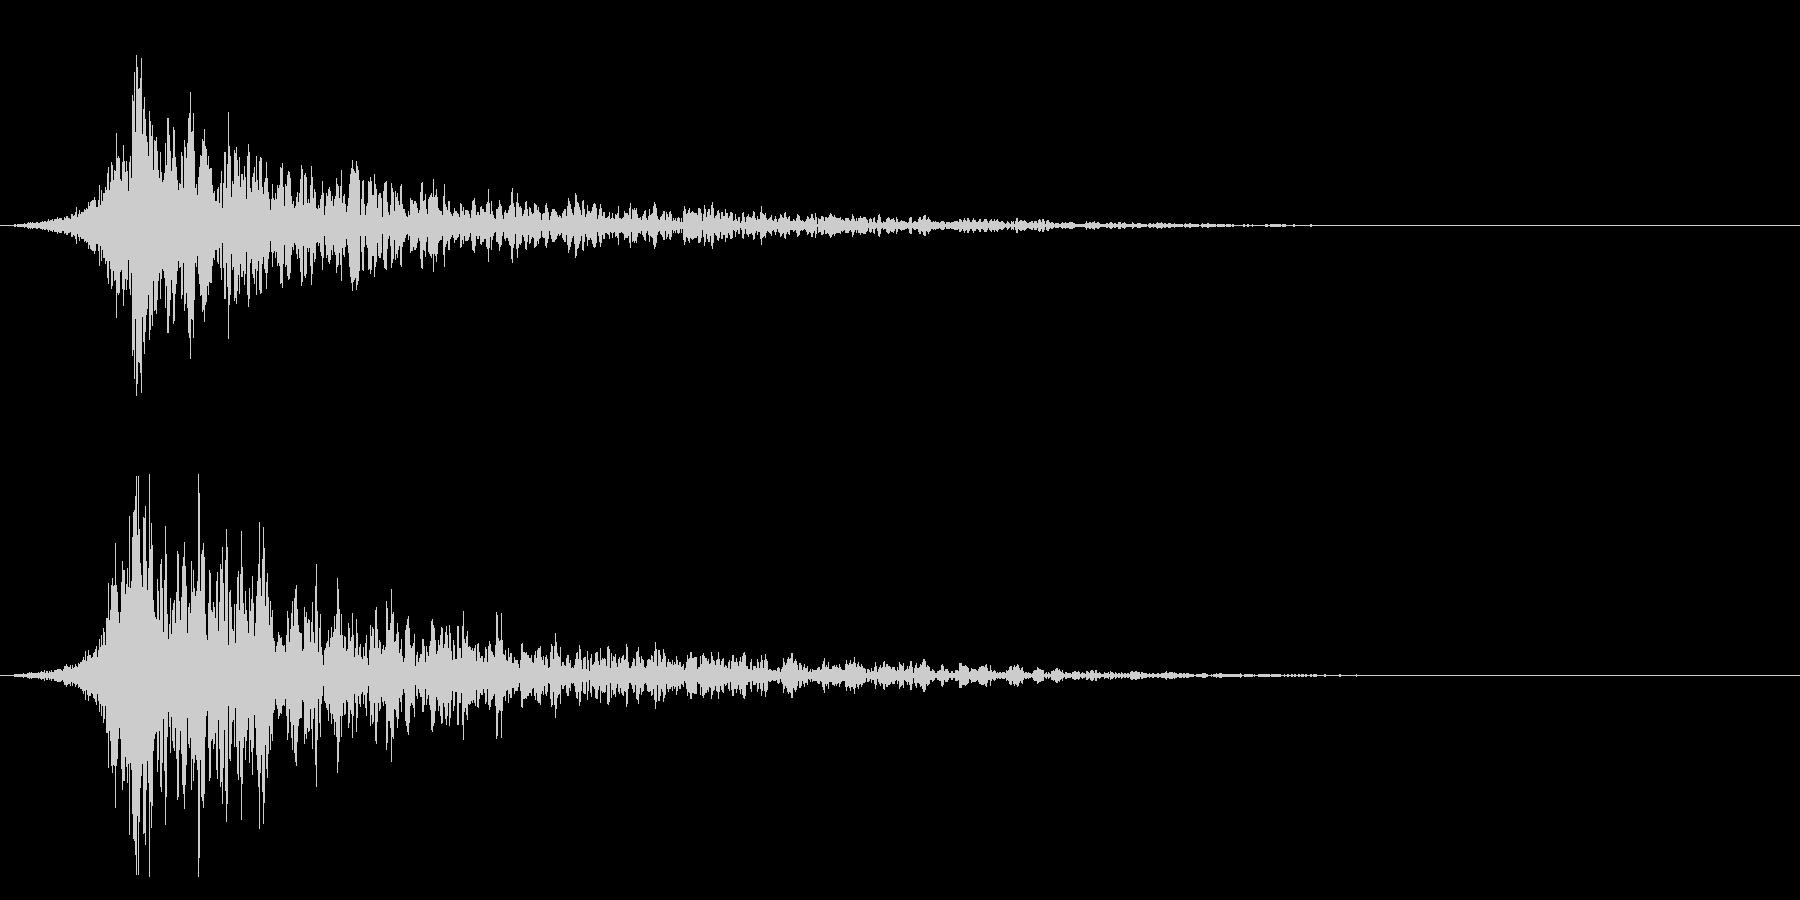 シュードーン-29-2(インパクト音)の未再生の波形